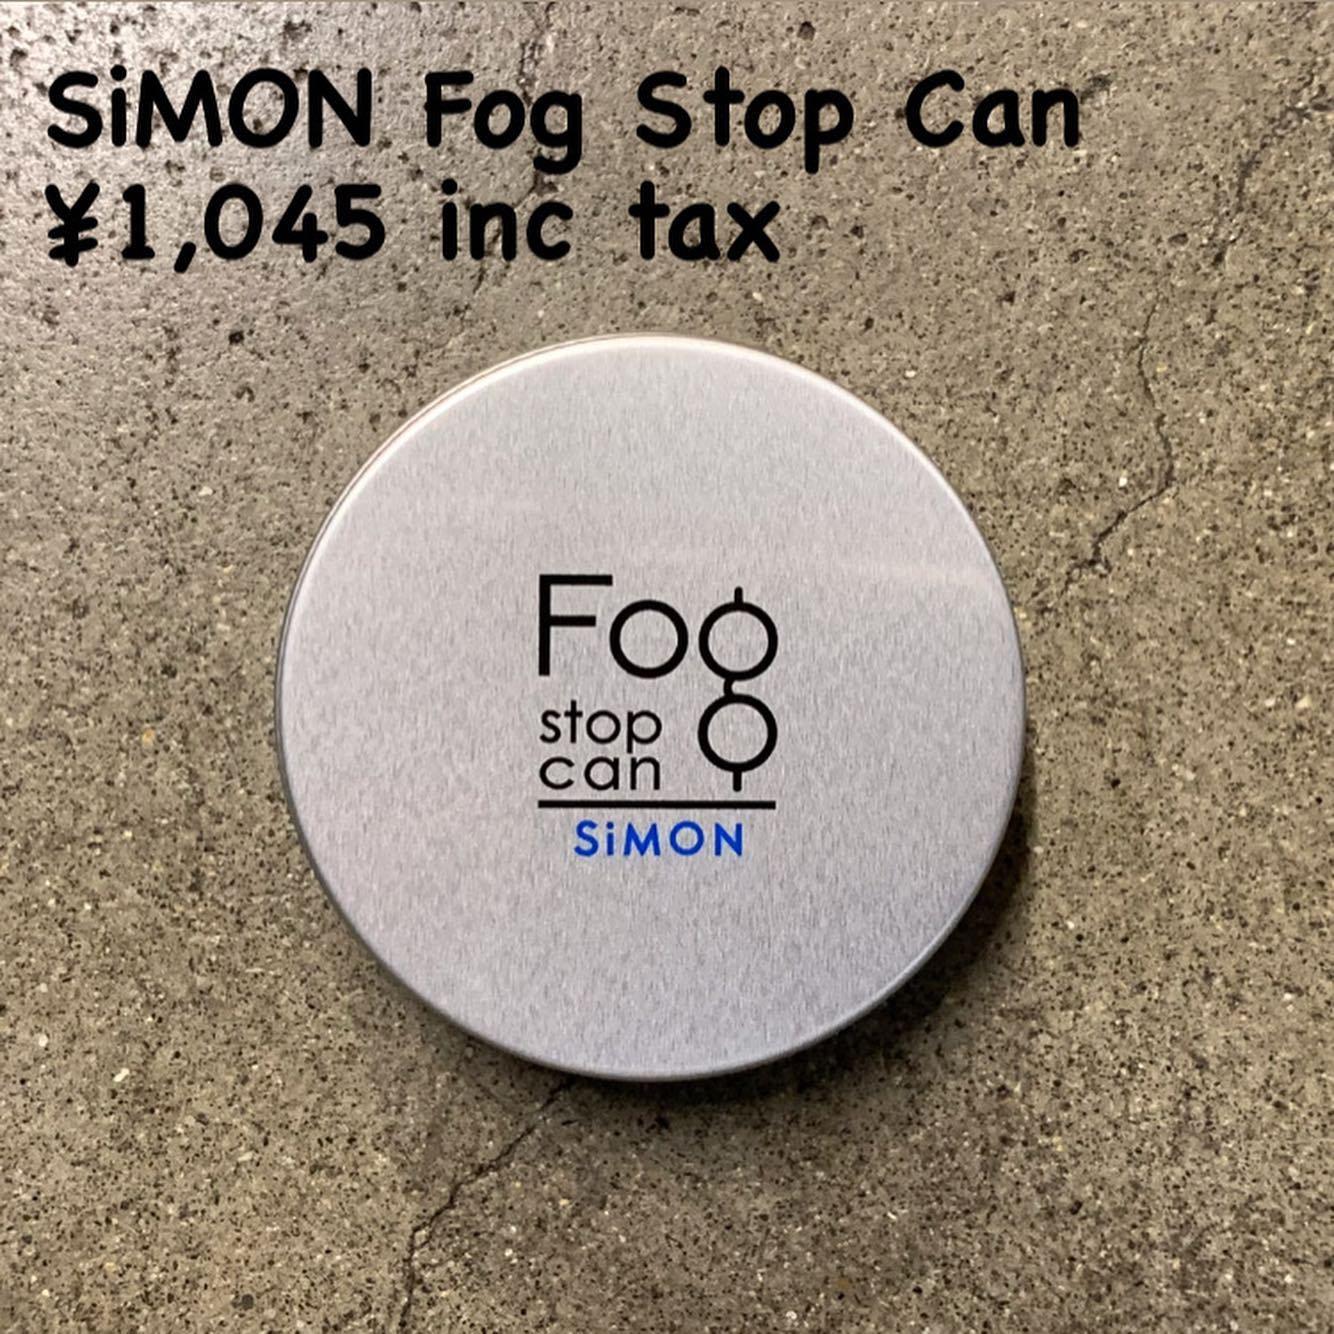 拭くだけでメガネのくもりを速攻解消!『SiMON フォグストップ缶』のご紹介